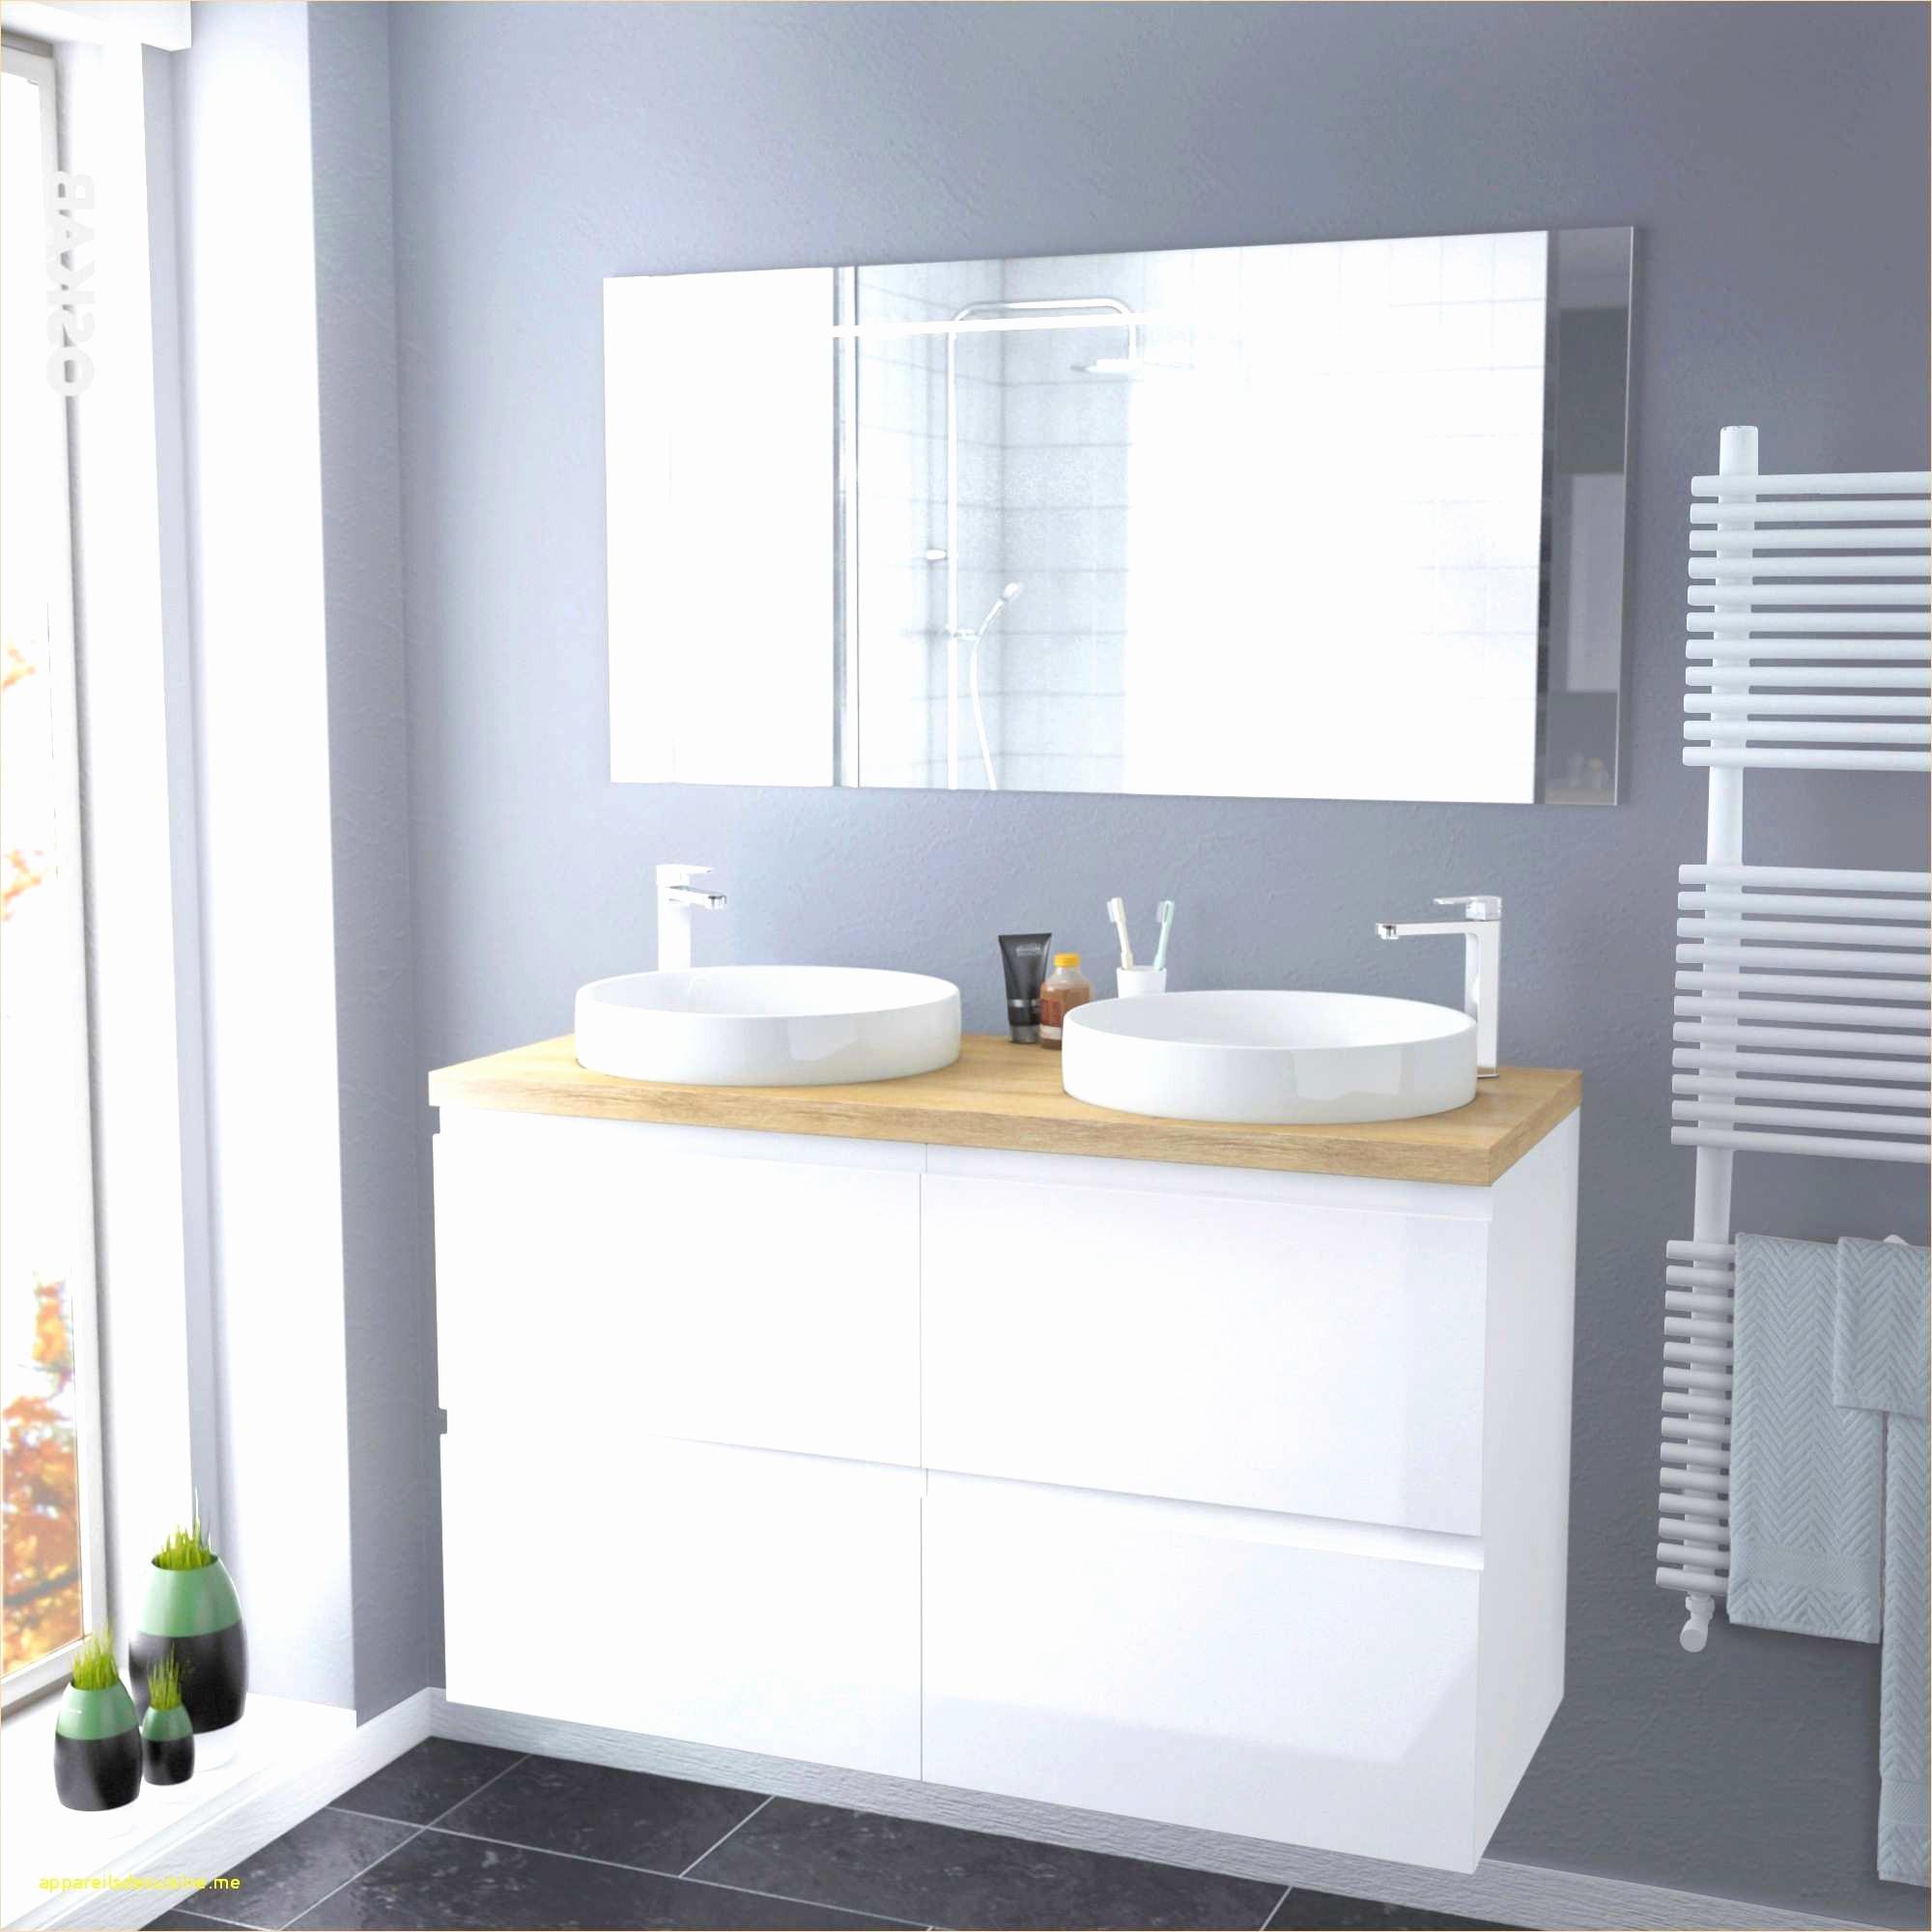 classique photos de listel salle de bain beau salle de bain taupe et bois of classique photos de listel salle de bain